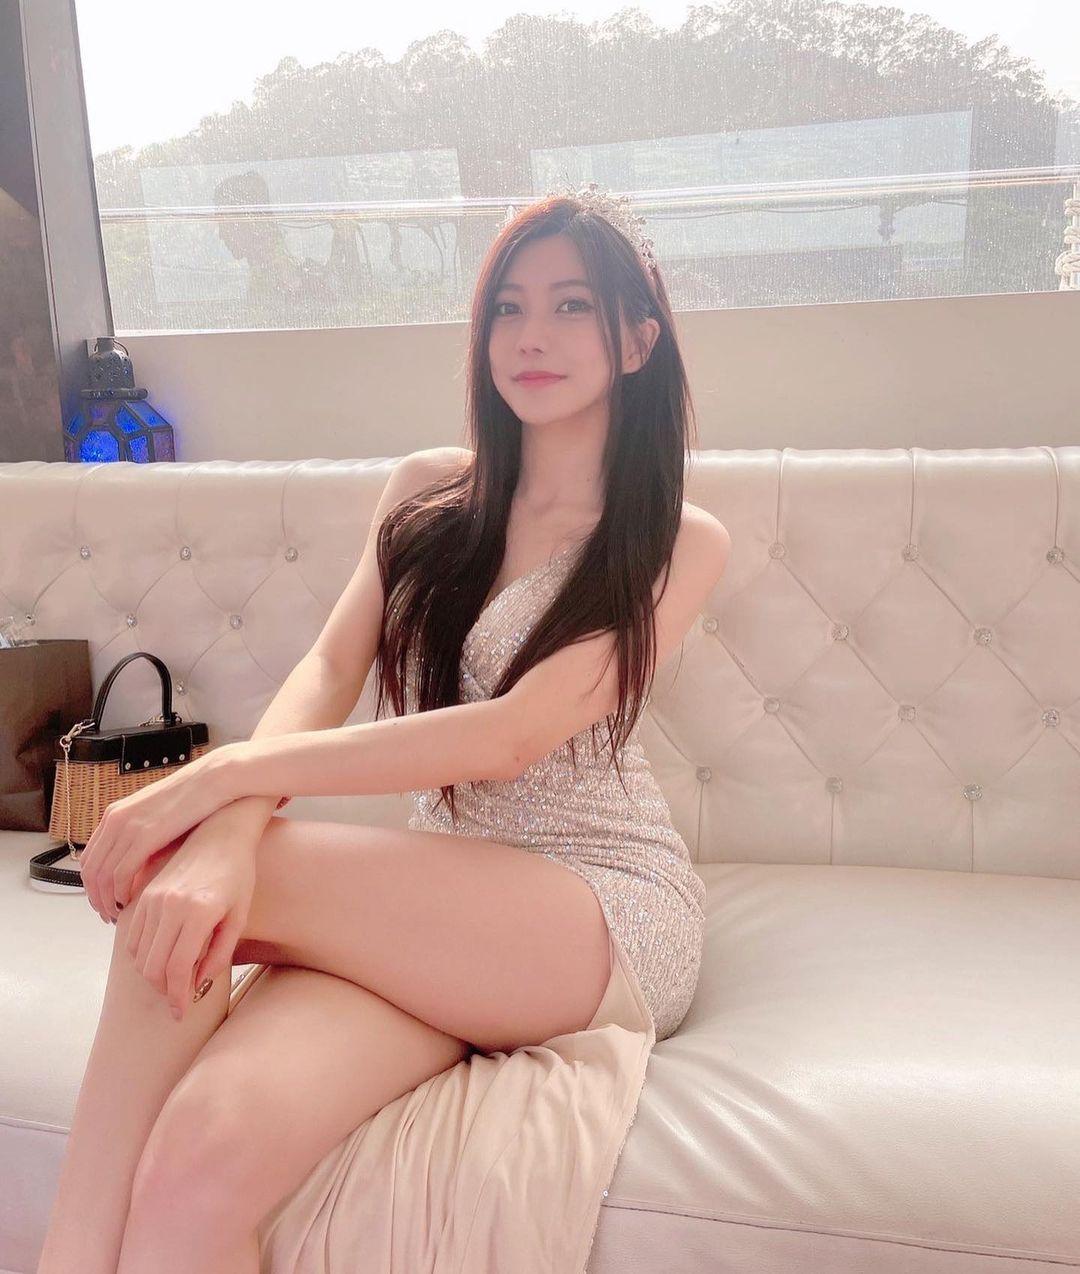 台北街头的「玉兰花美女」打扮火辣超养眼,网友热情表示:买到你提早下班. 养眼图片 第9张